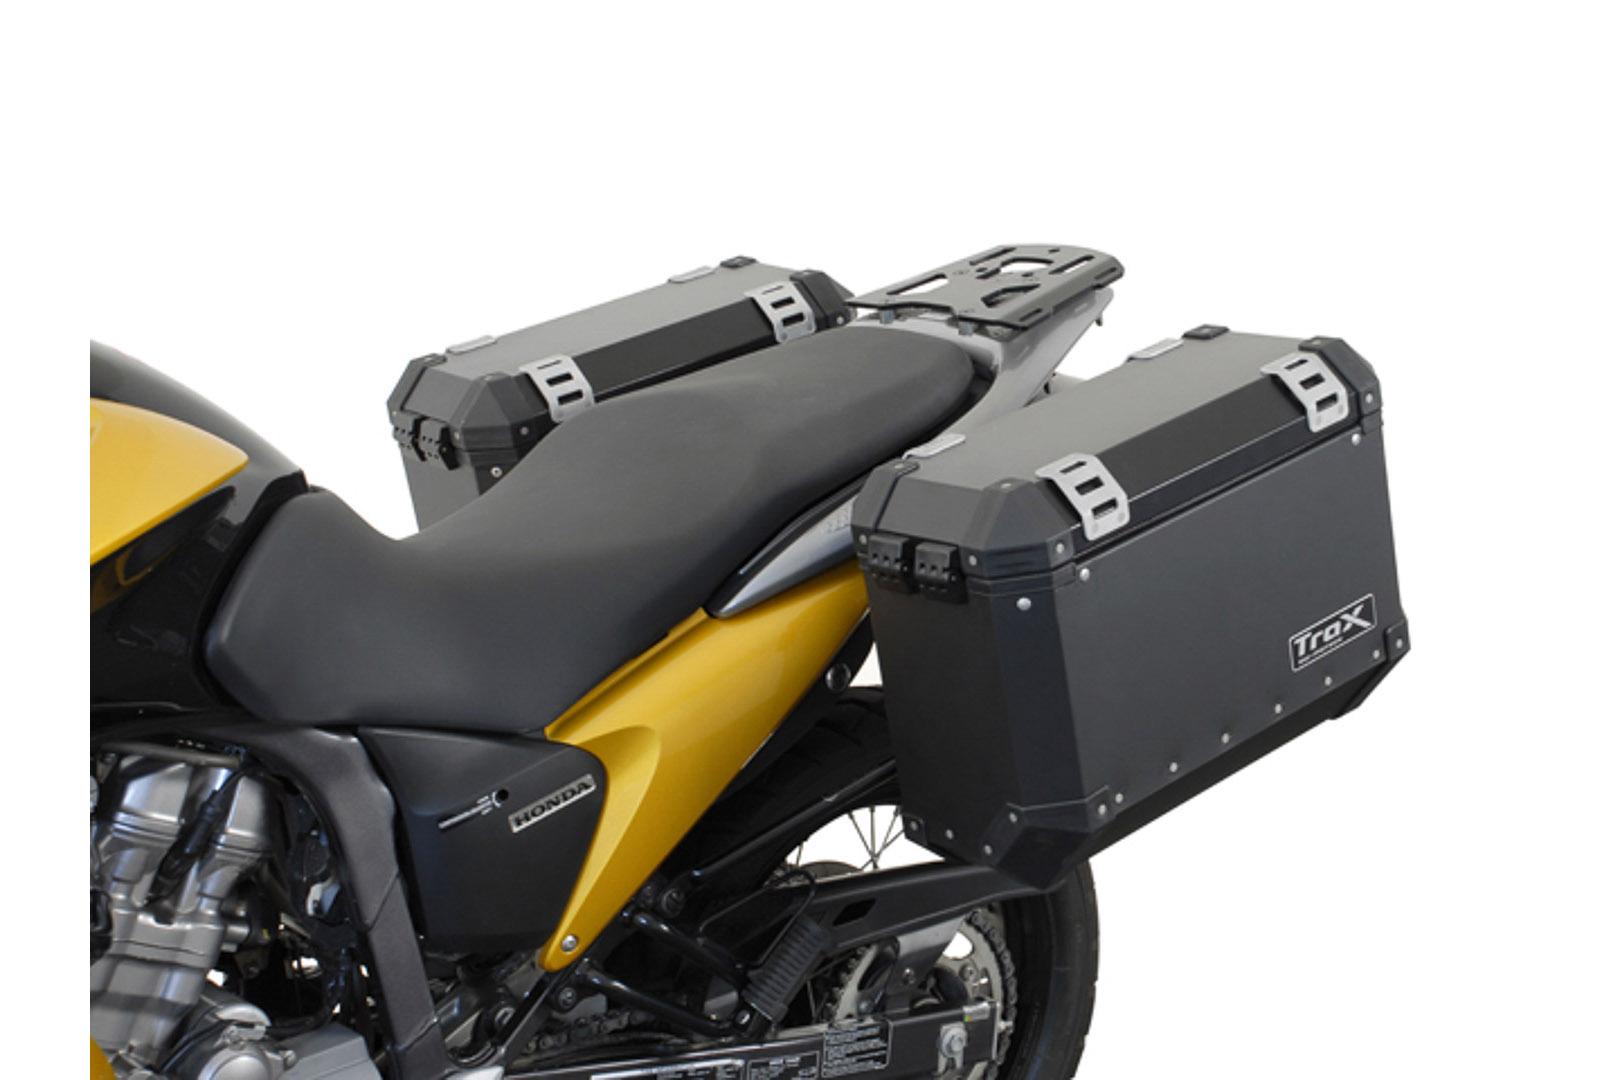 SW-Motech Quick-Lock Evo sivutelinesarja Honda XL700V Transalp